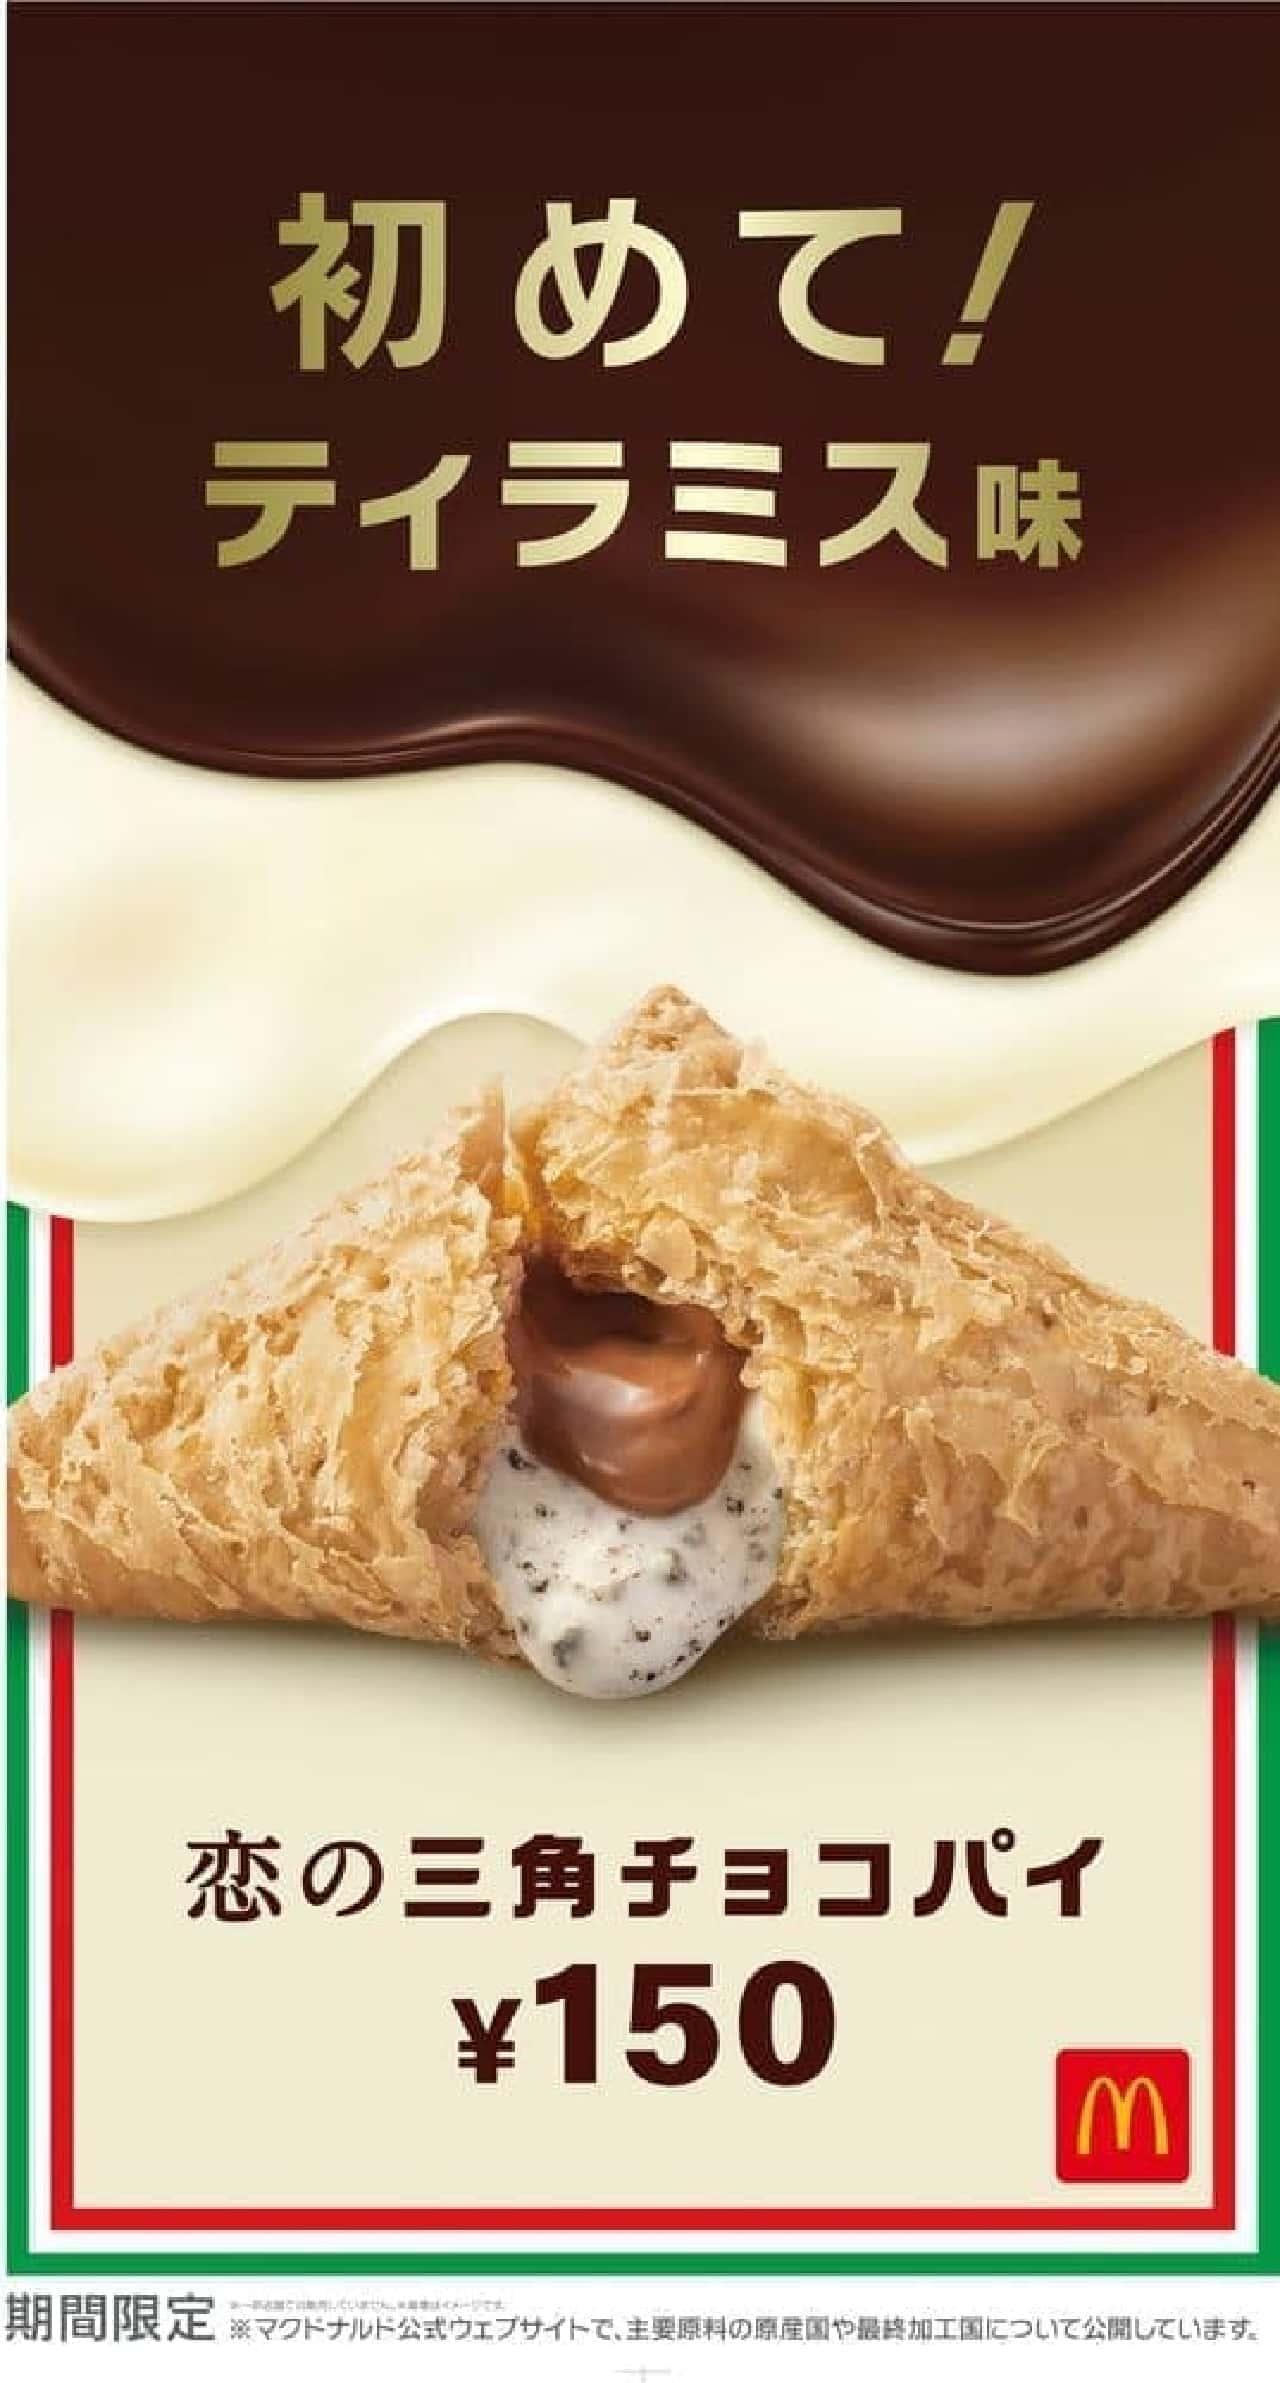 マクドナルド「恋の三角チョコパイ ティラミス味」